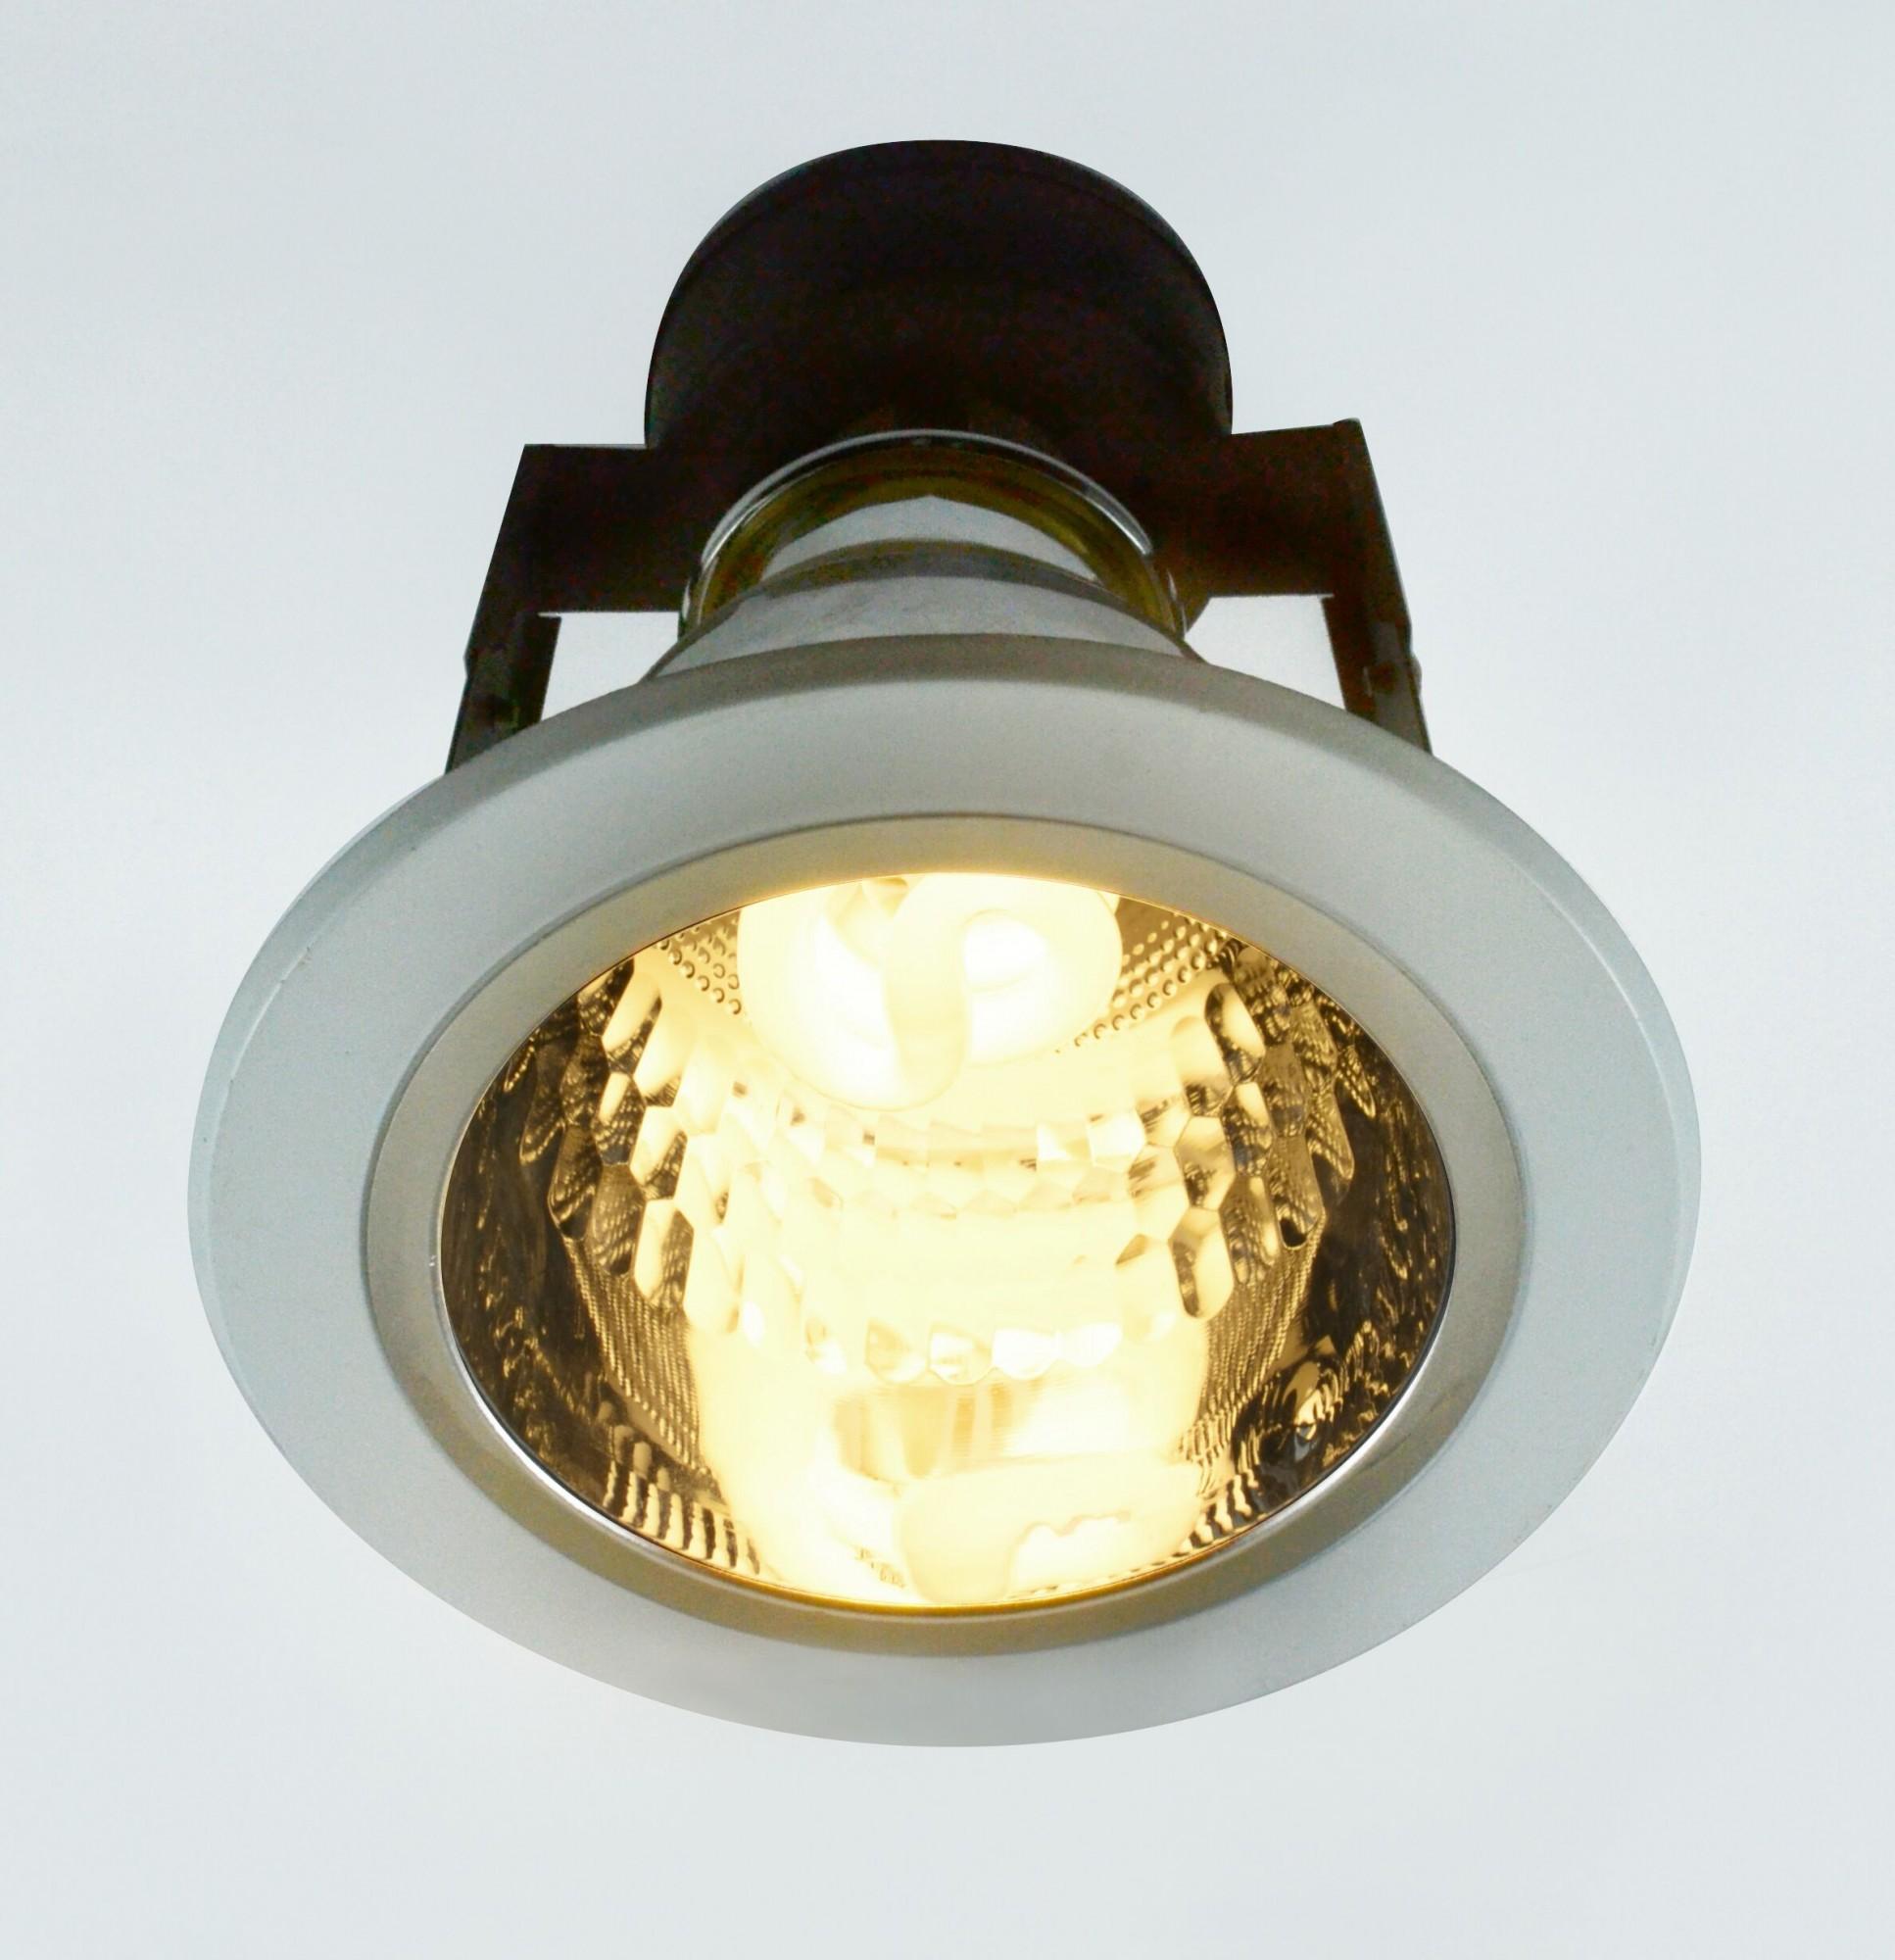 Фото товара A8043PL-1WH Arte Lamp